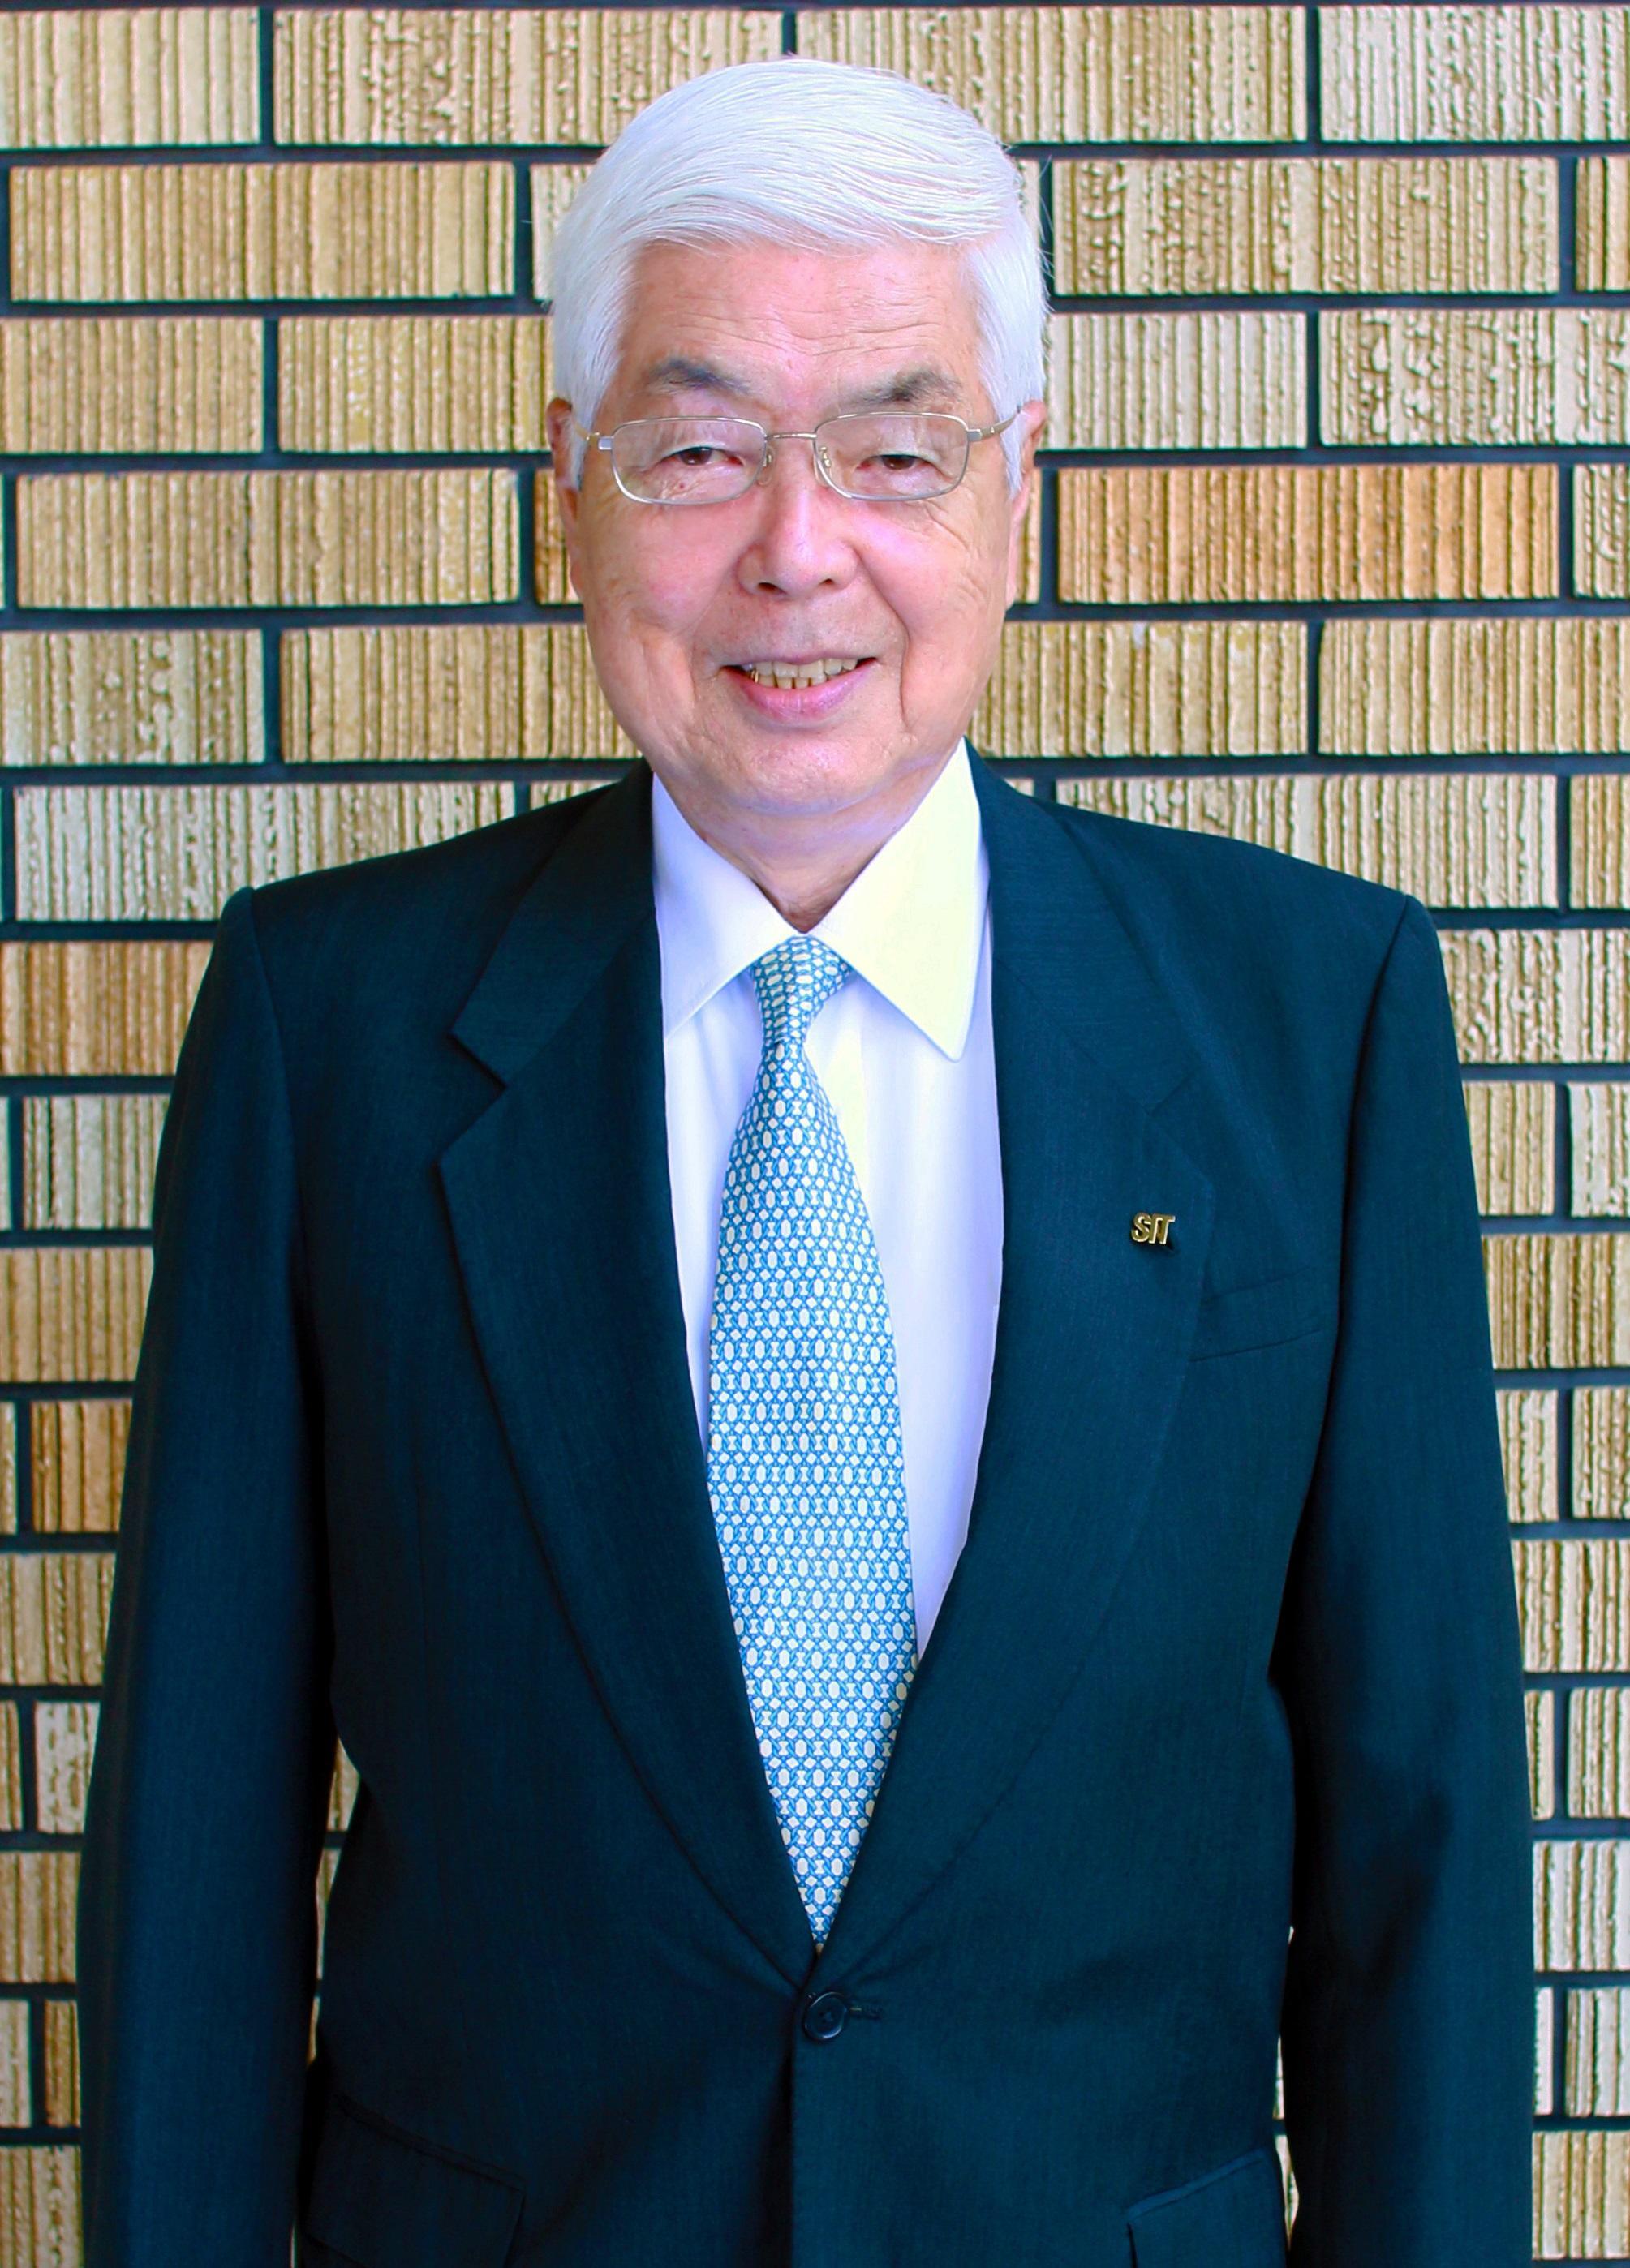 学校法人 芝浦工業大学 次期理事長に五十嵐久也を選出しました